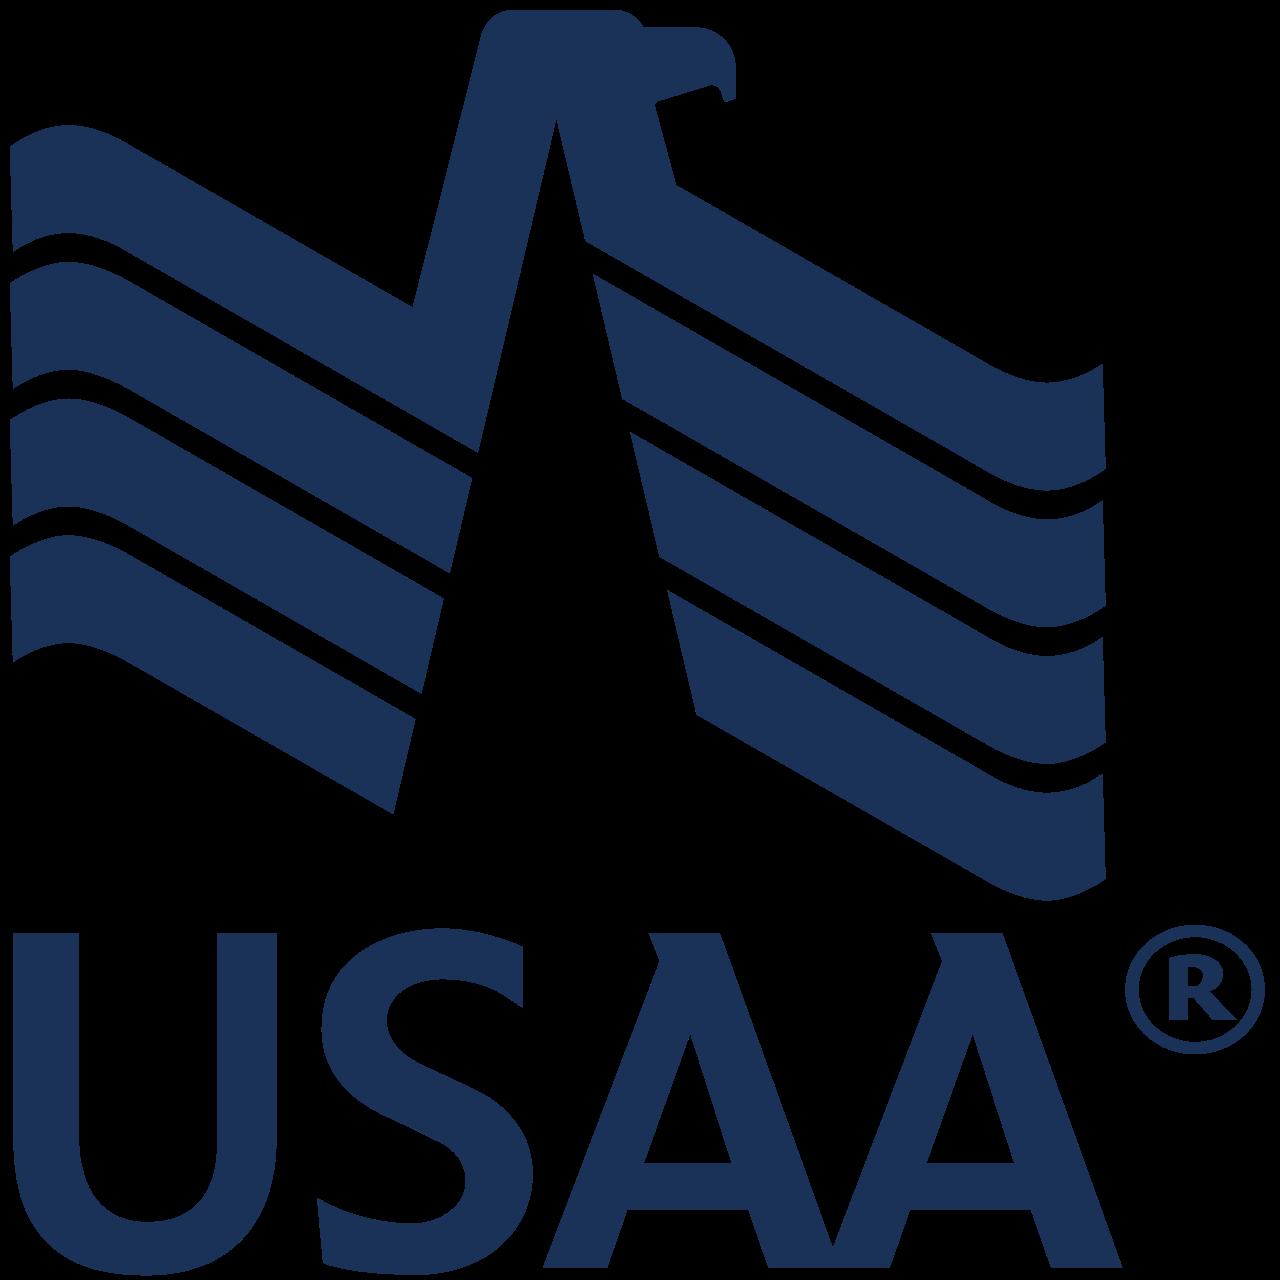 United Services Automobile Association's logo